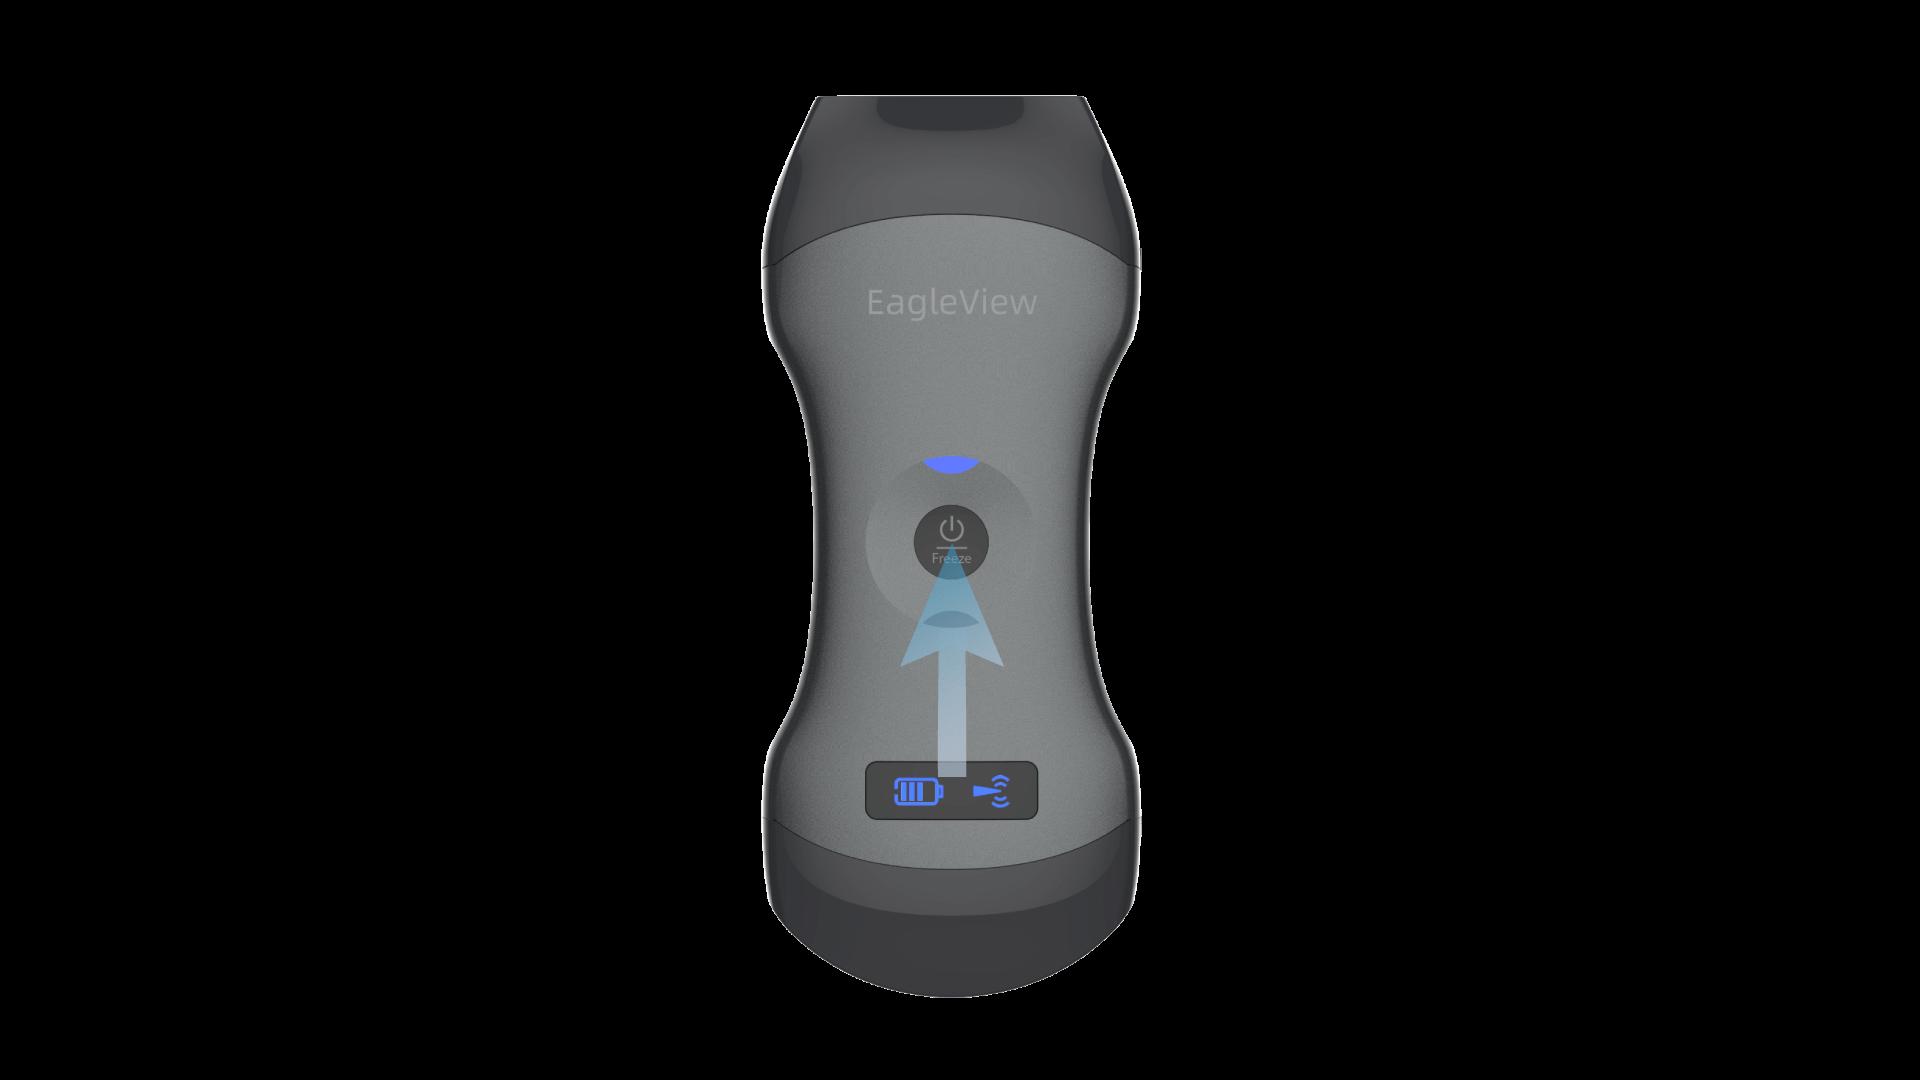 Démarrez l'échographie Eagleview en appuyant sur le bouton d'alimentation au centre.